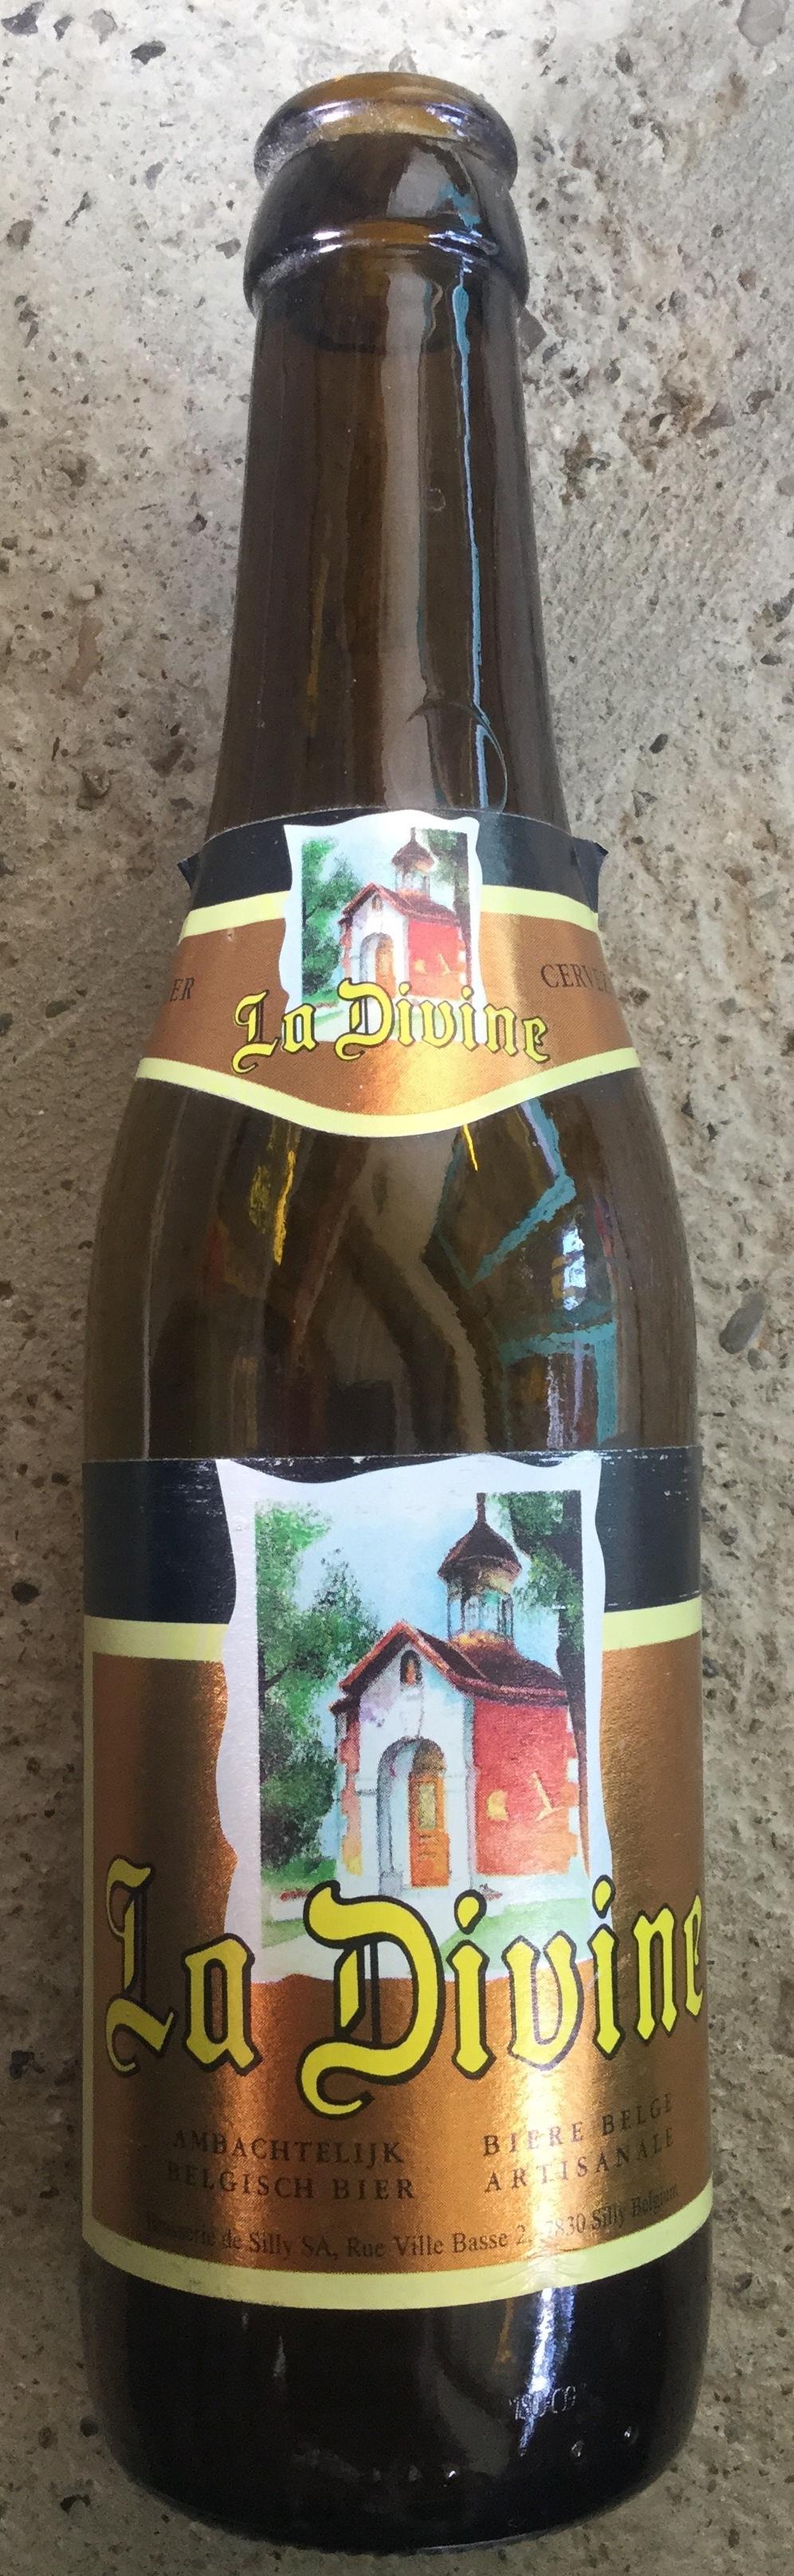 Bière belge artisanale - Product - fr